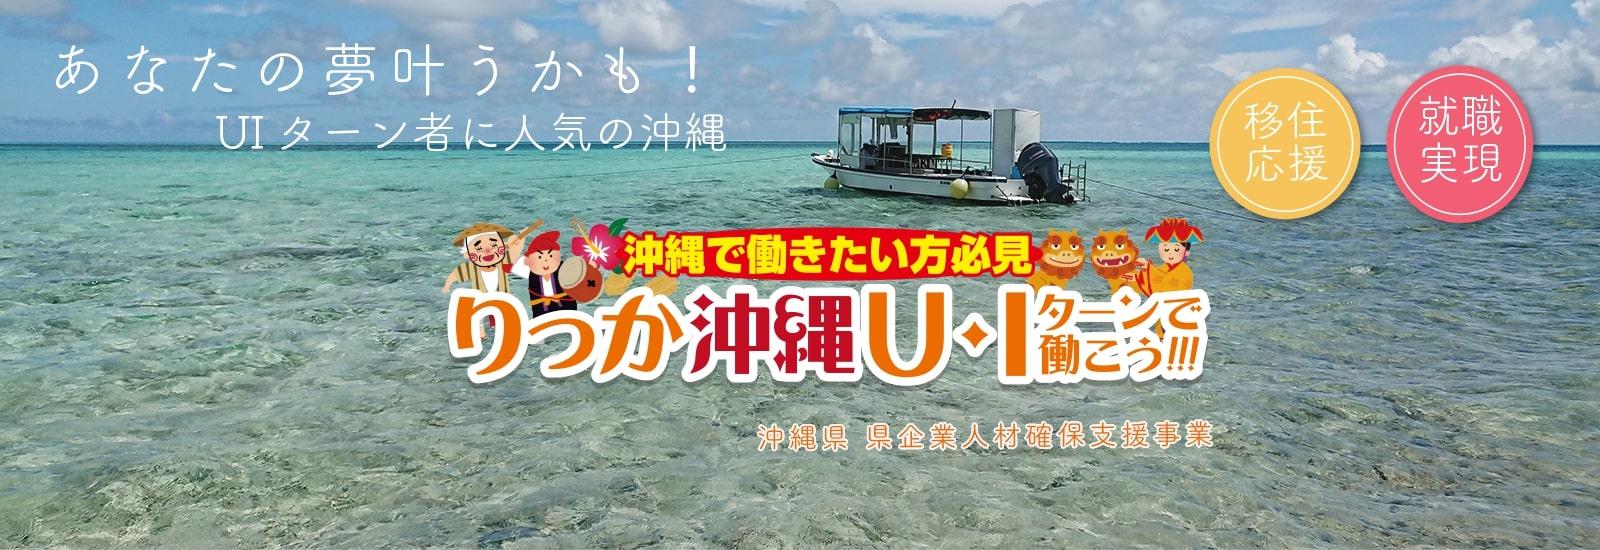 沖縄Uターン学生の保護者向け就職セミナー&企業説明会のご案内(2月11日開催)